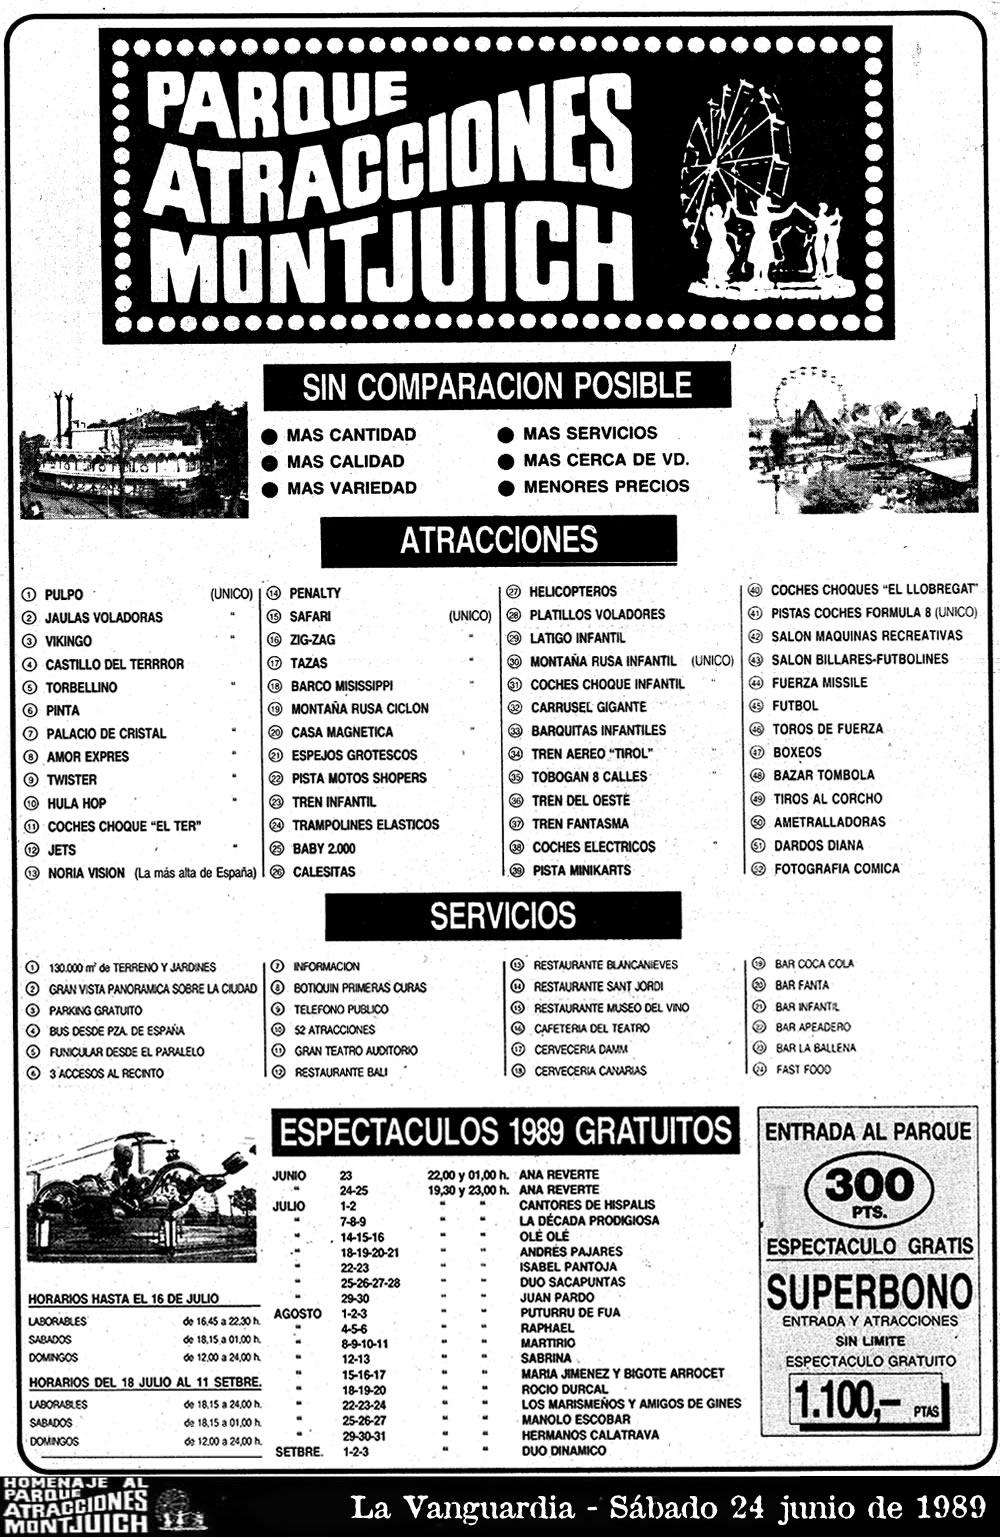 Listado de atracciones de 1989